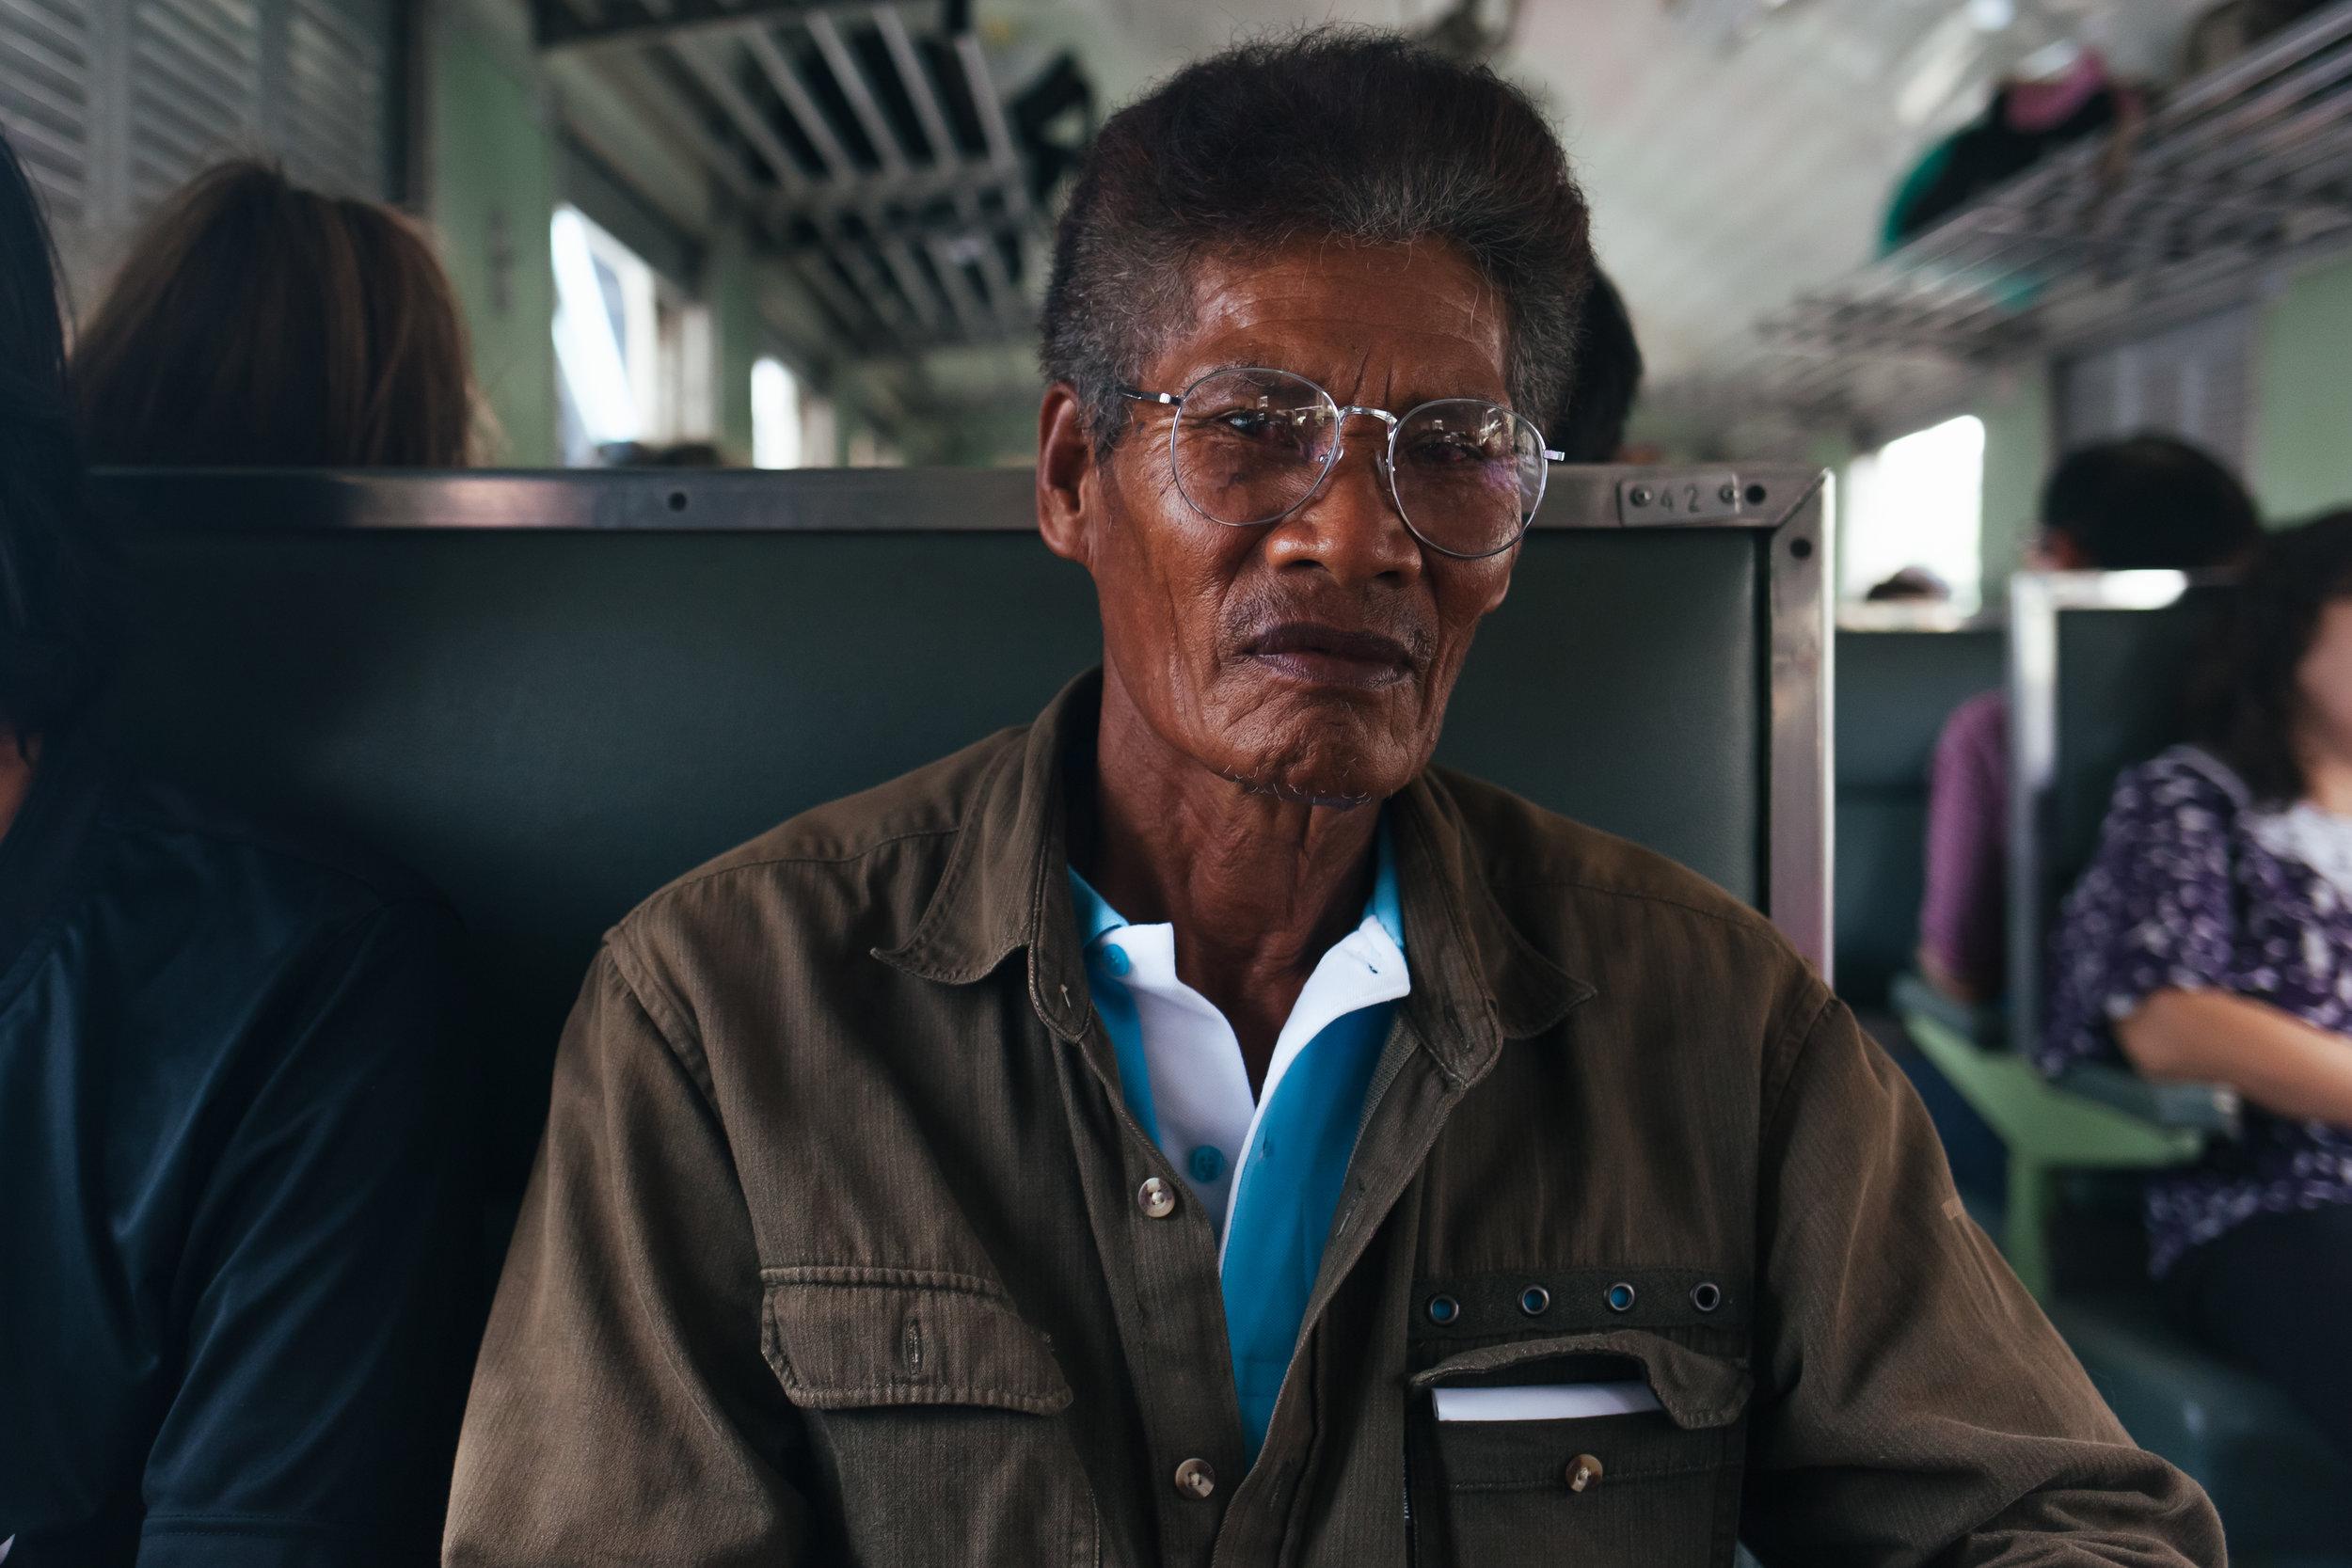 thailand_lampang_ayuthaya_train (51 of 77).jpg